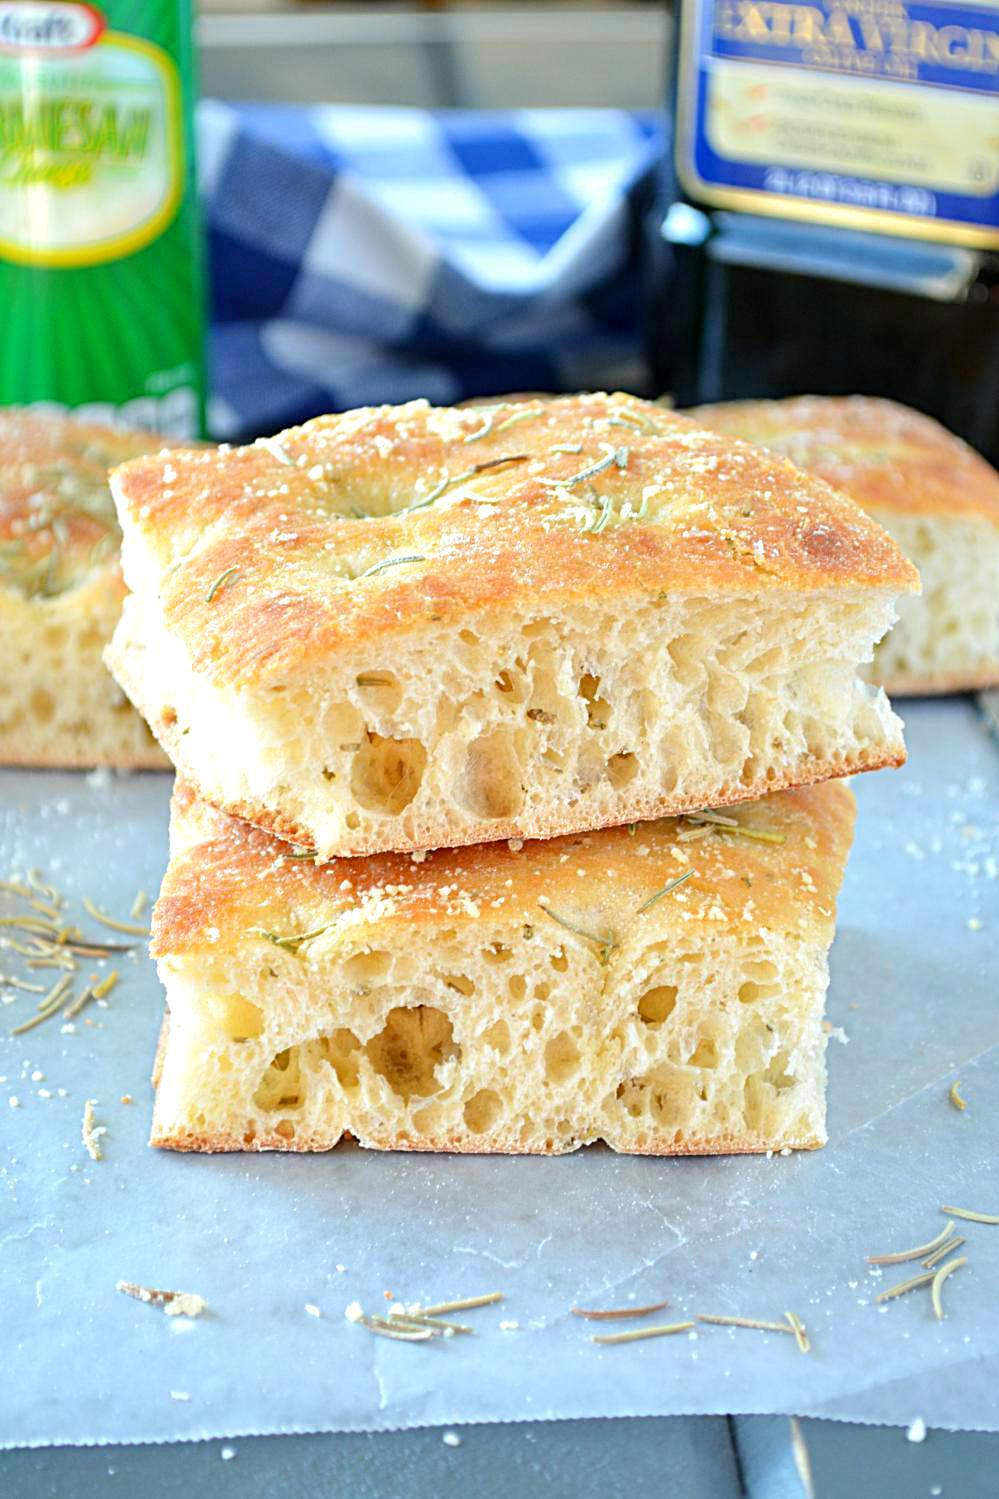 Focaccia Bread Recipe Homemade How To Make